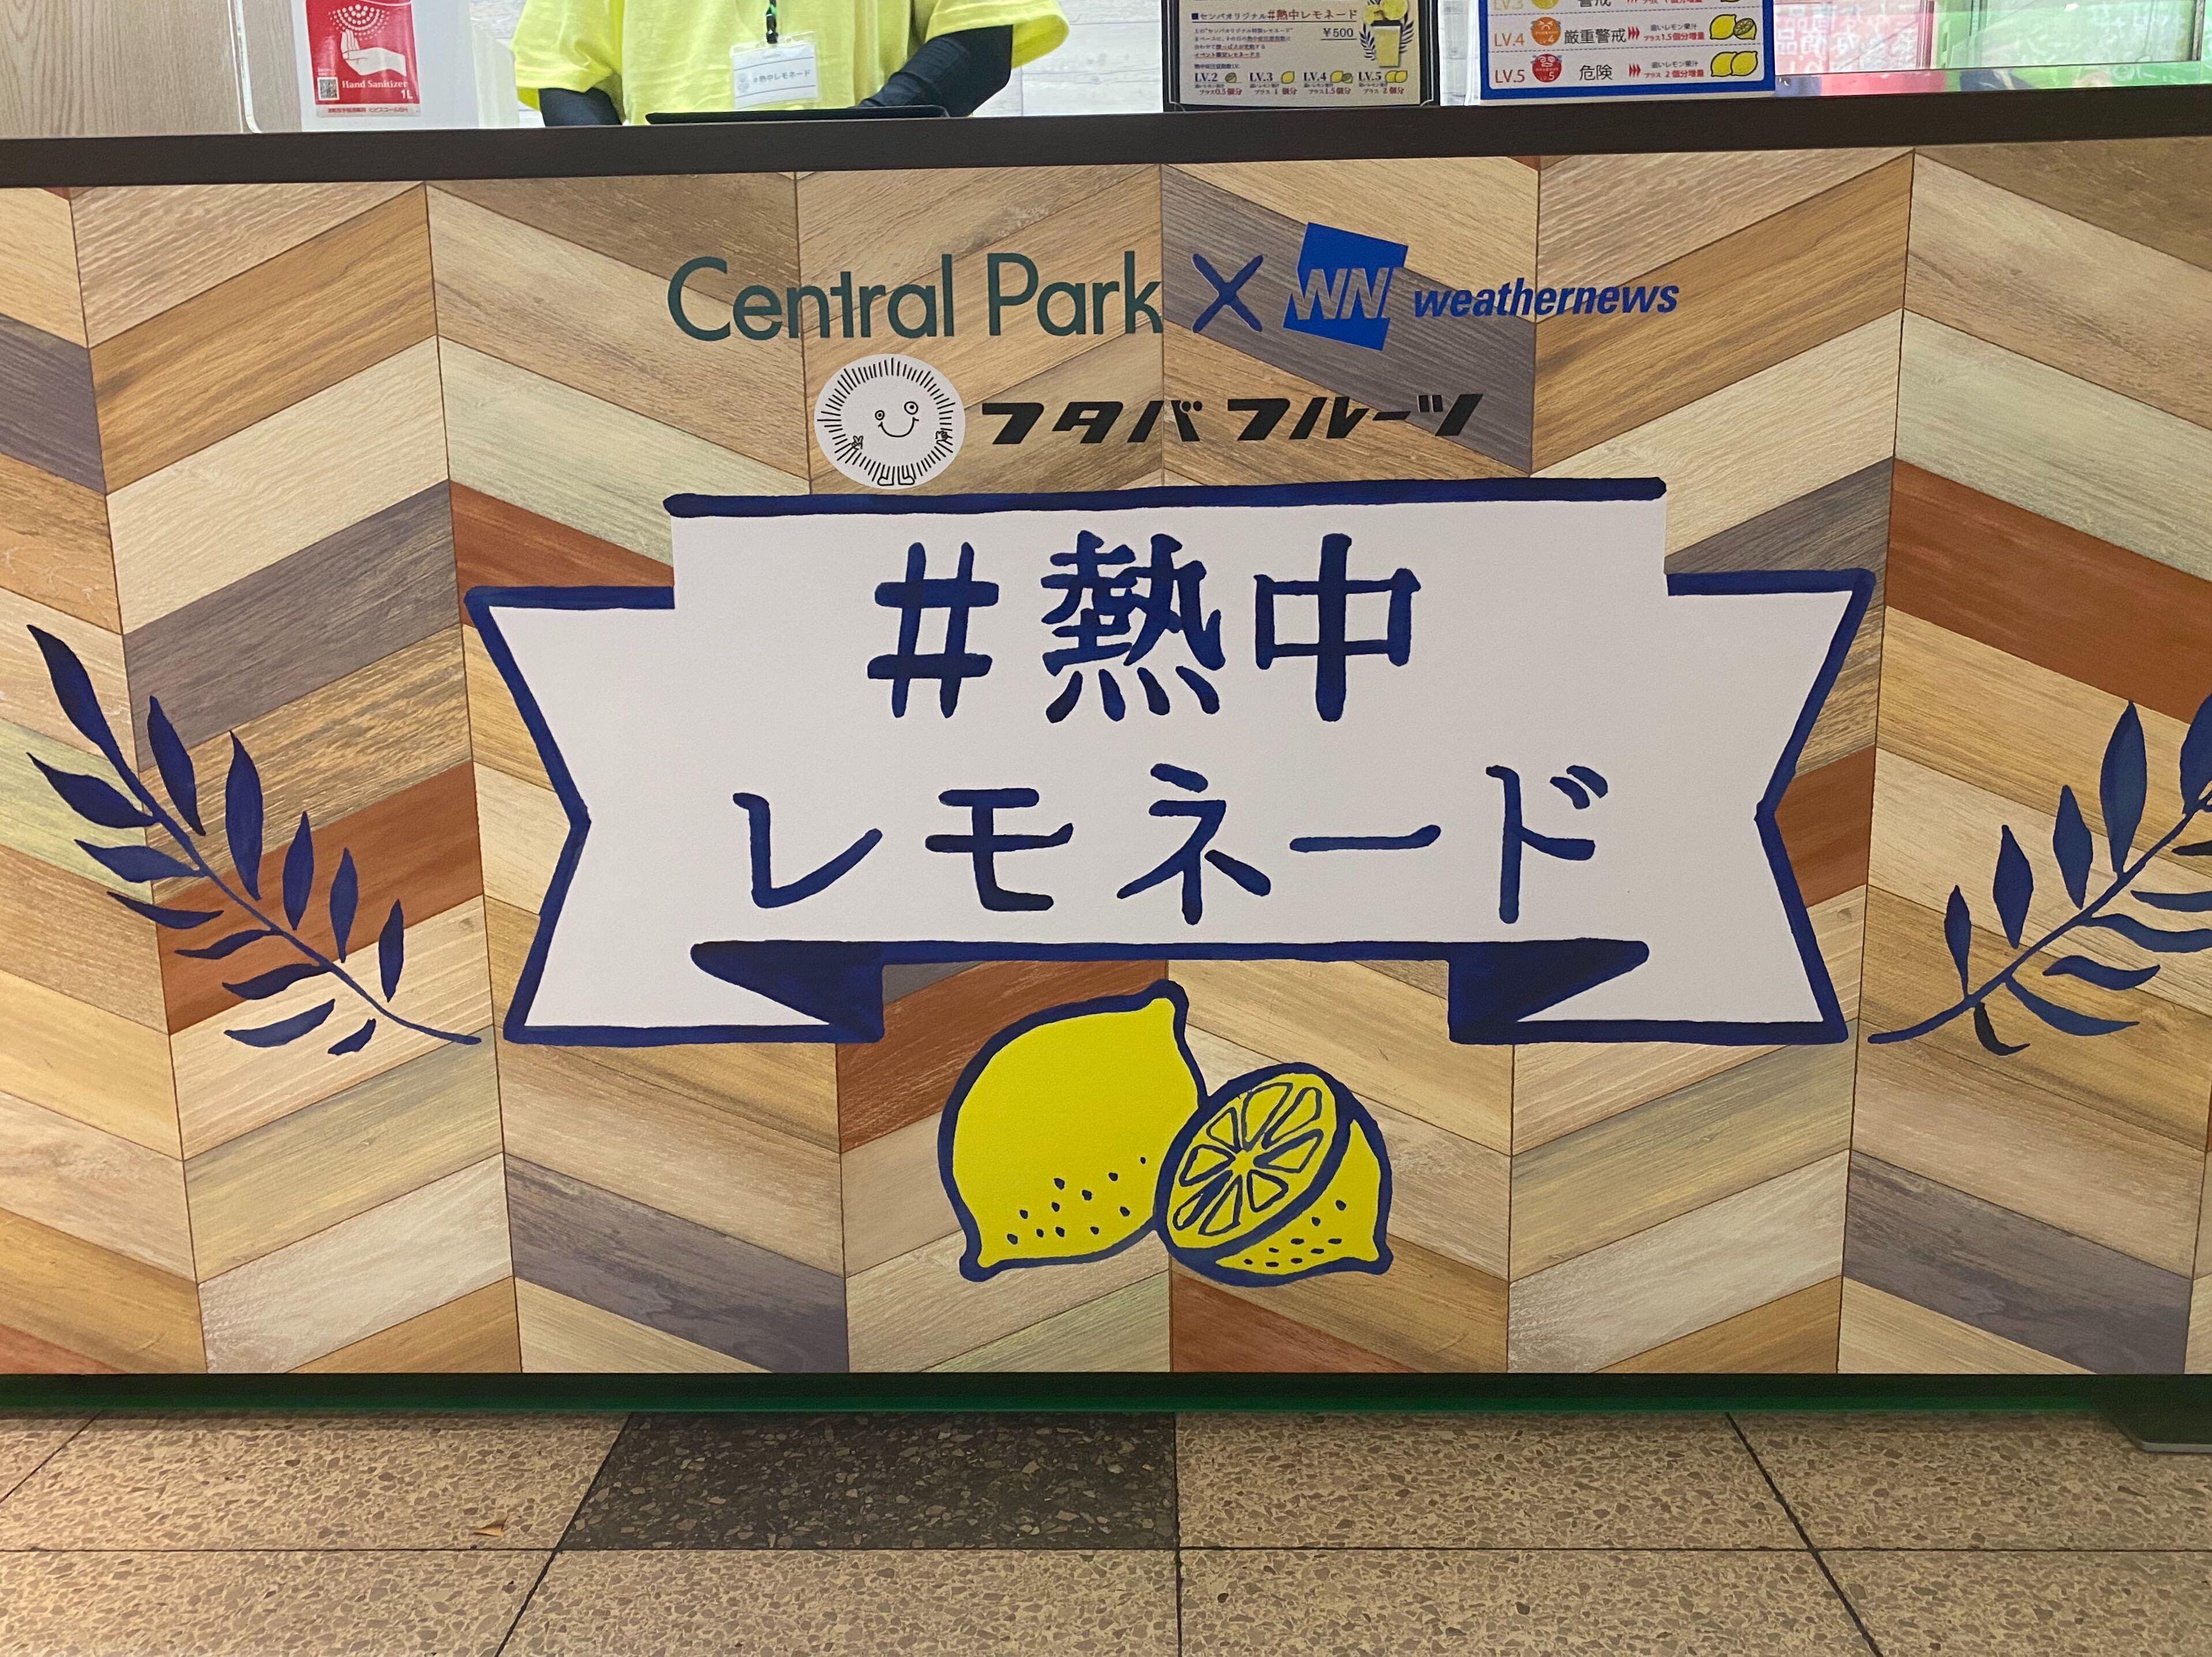 アツイ夏には「#熱中レモネード」!栄地下街「セントラルパーク」でプレイベント開催 - 661170925b9cf6e032735093532ba0da